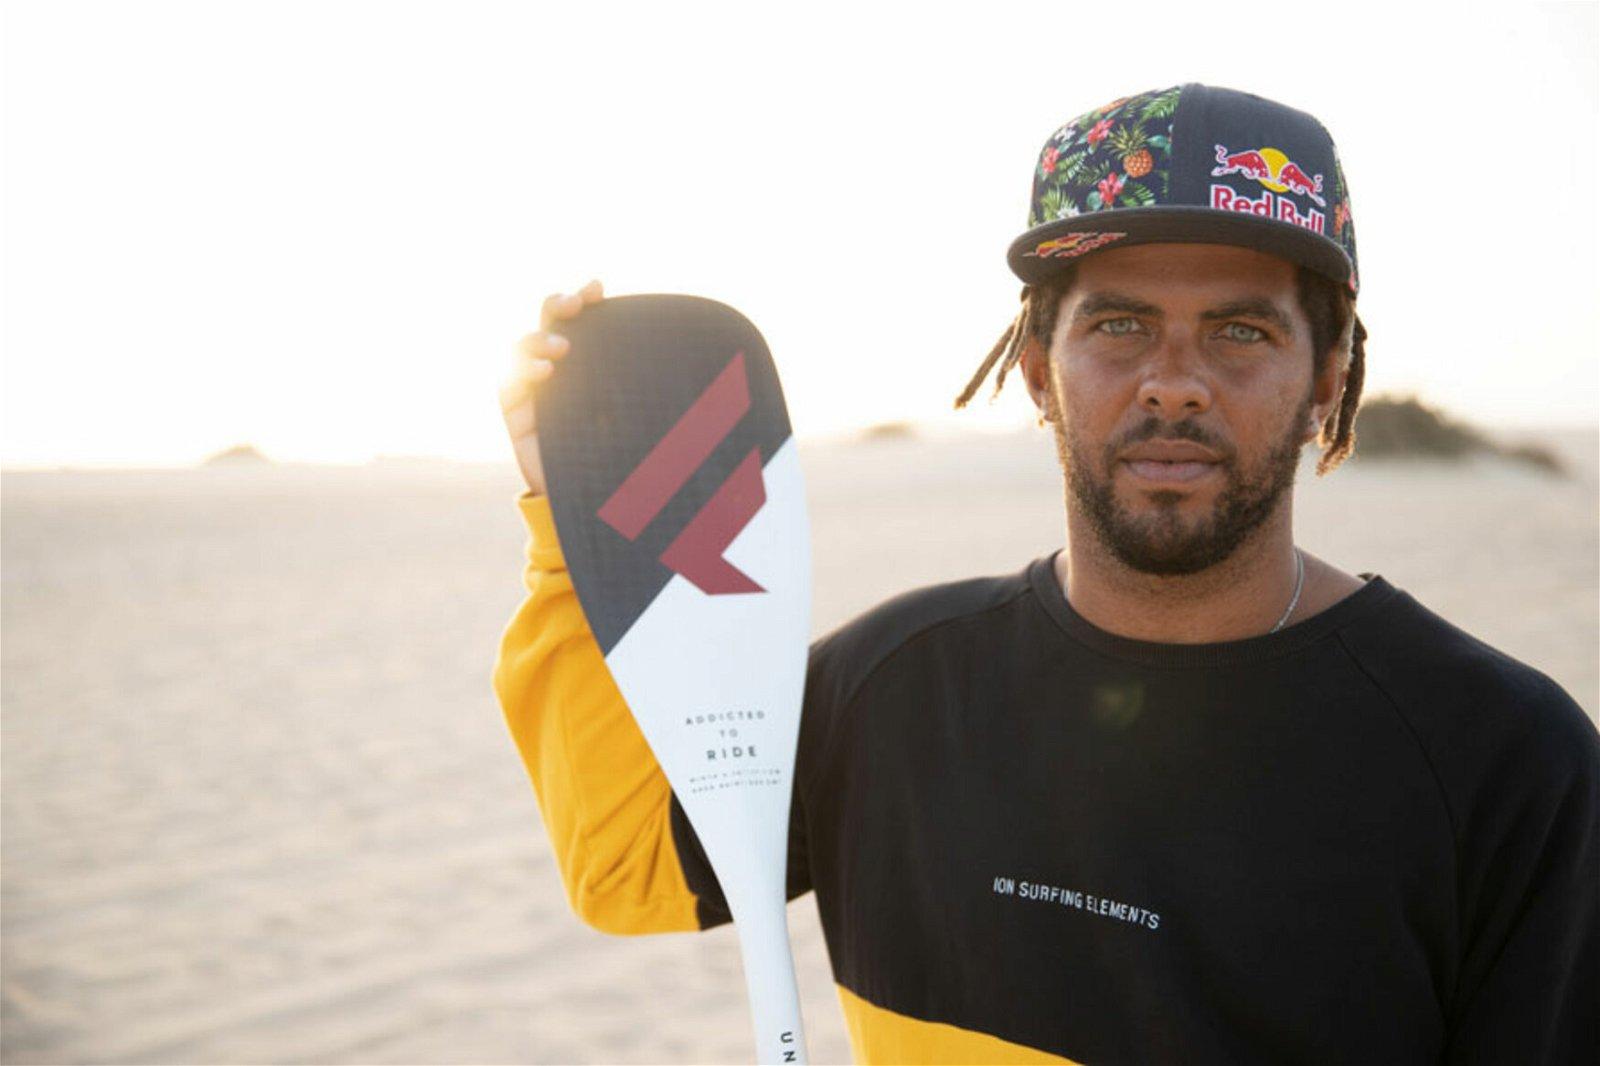 Airton-Sweater-Surfing-Elements_26.jpg